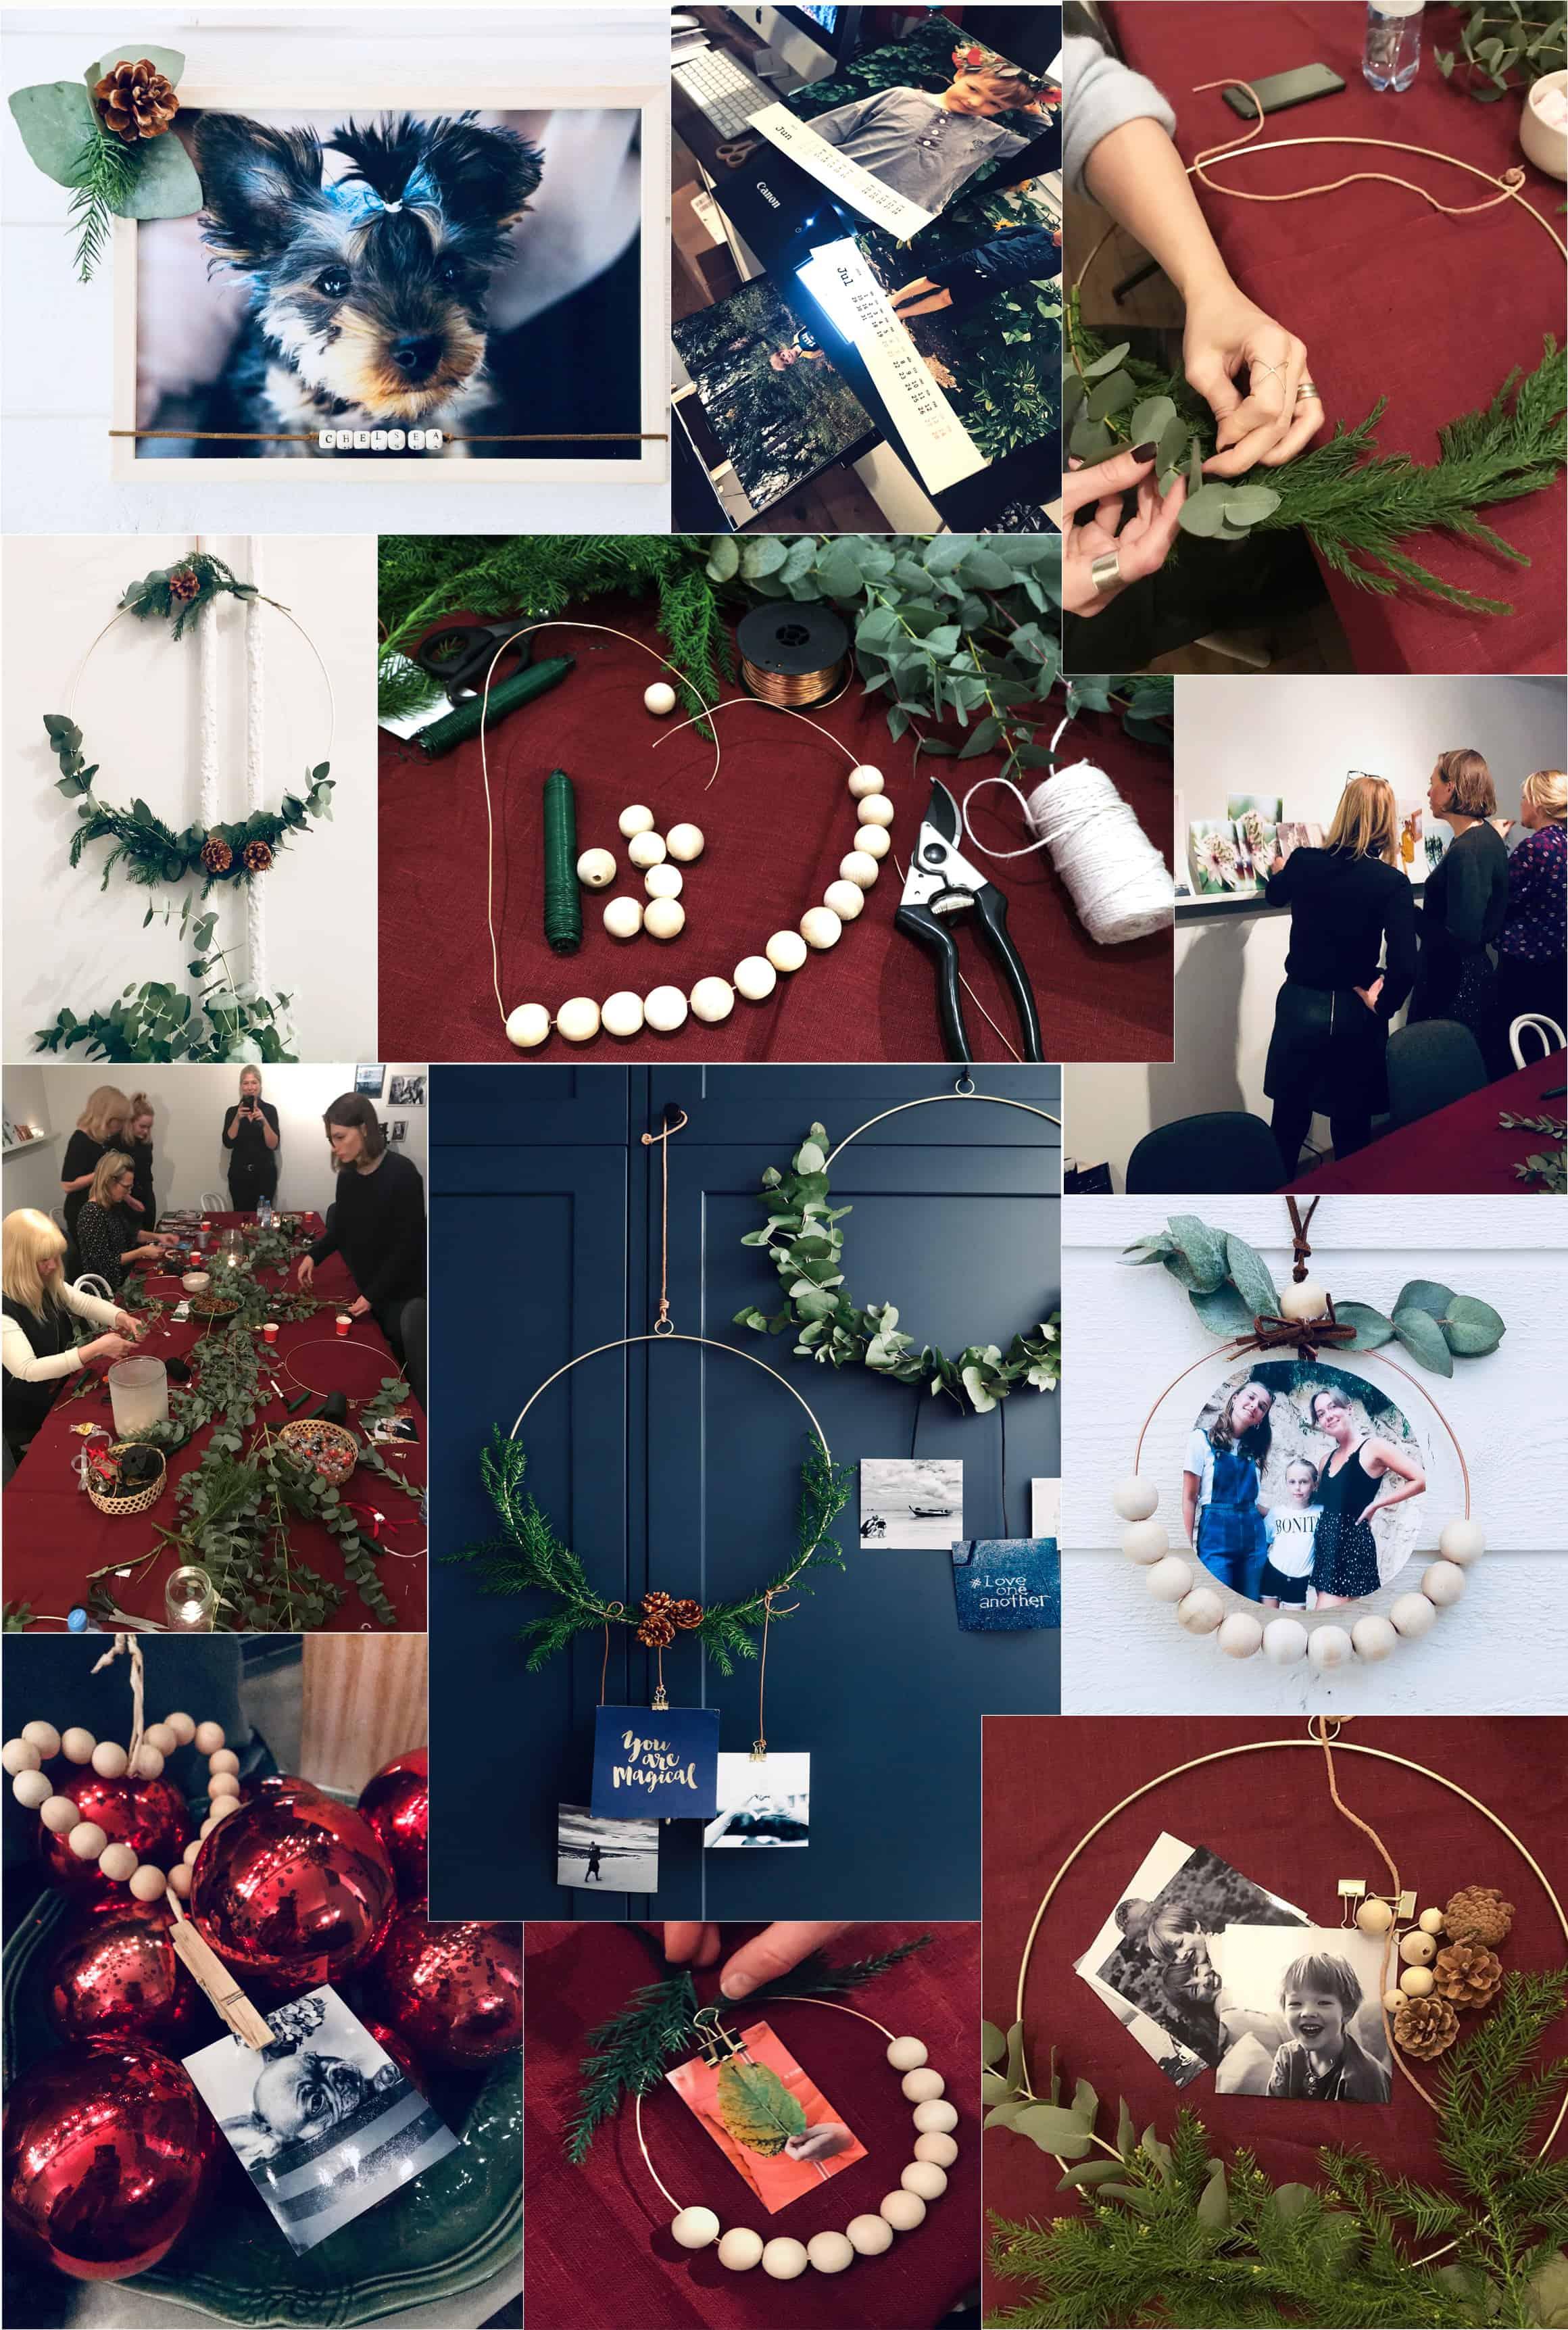 Kreativ julklappsverkstad på Snickeriet